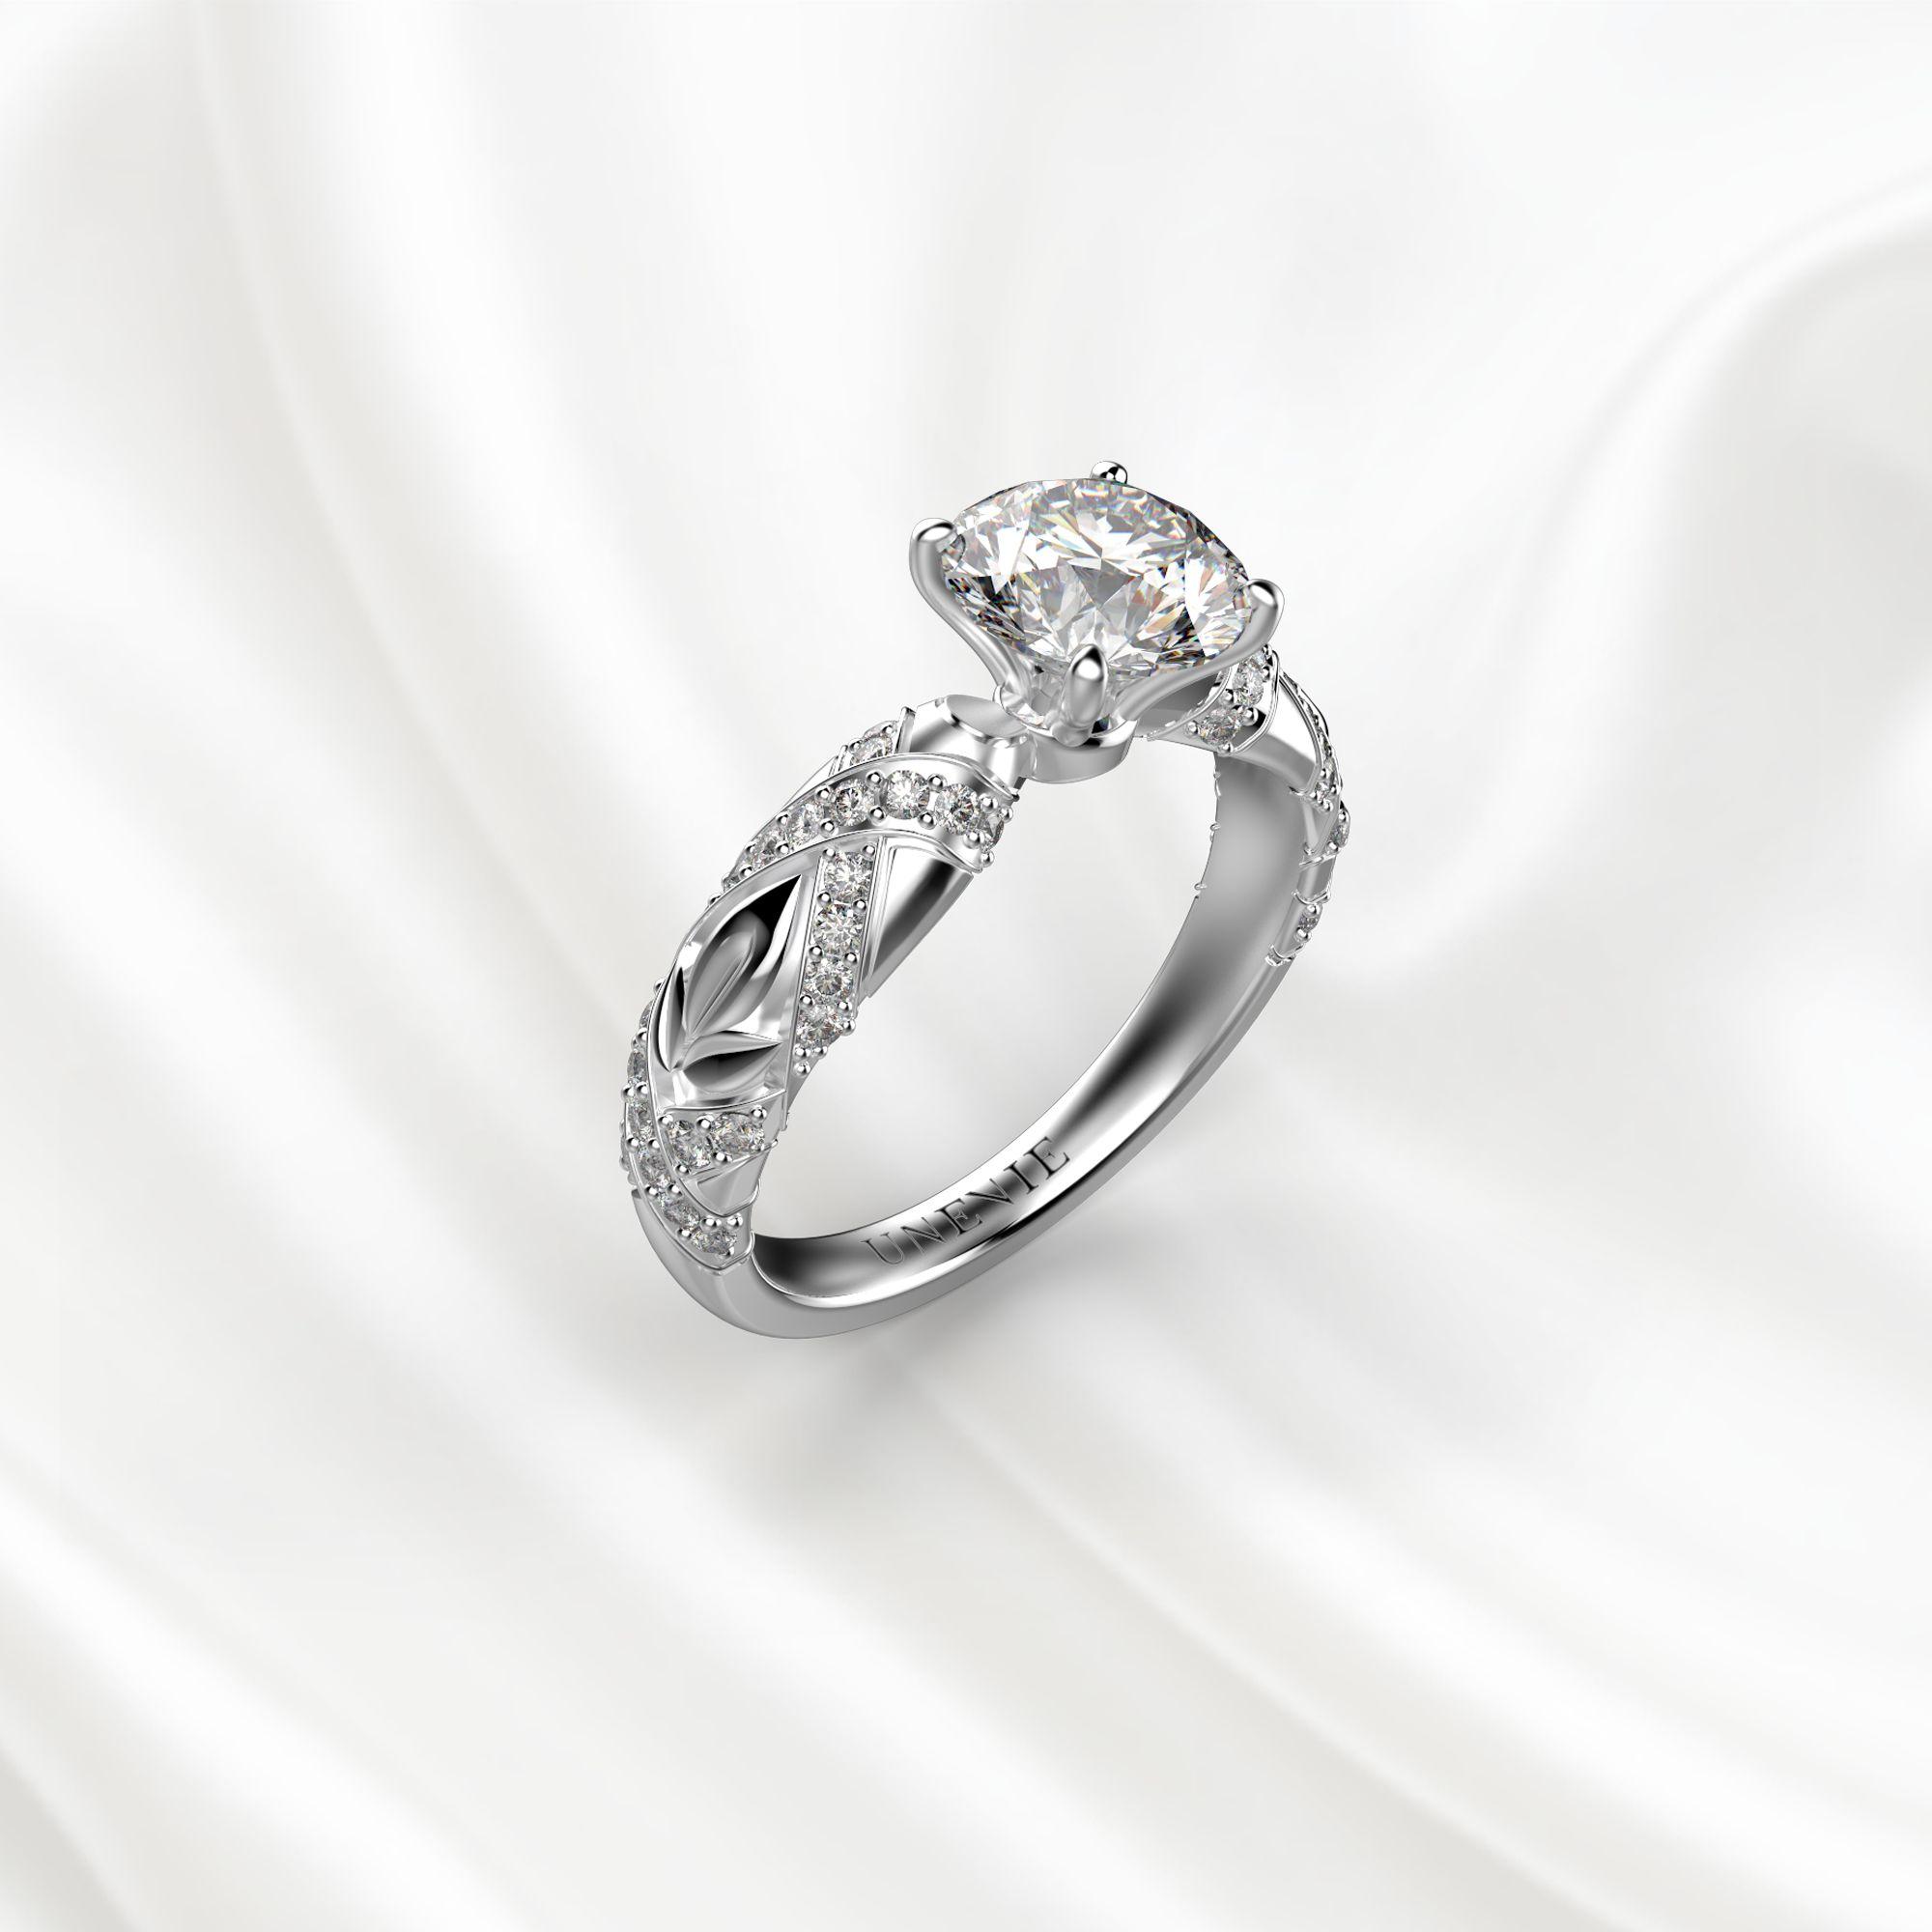 N17 Помолвочное кольцо из белого золота c 51 бриллиантом